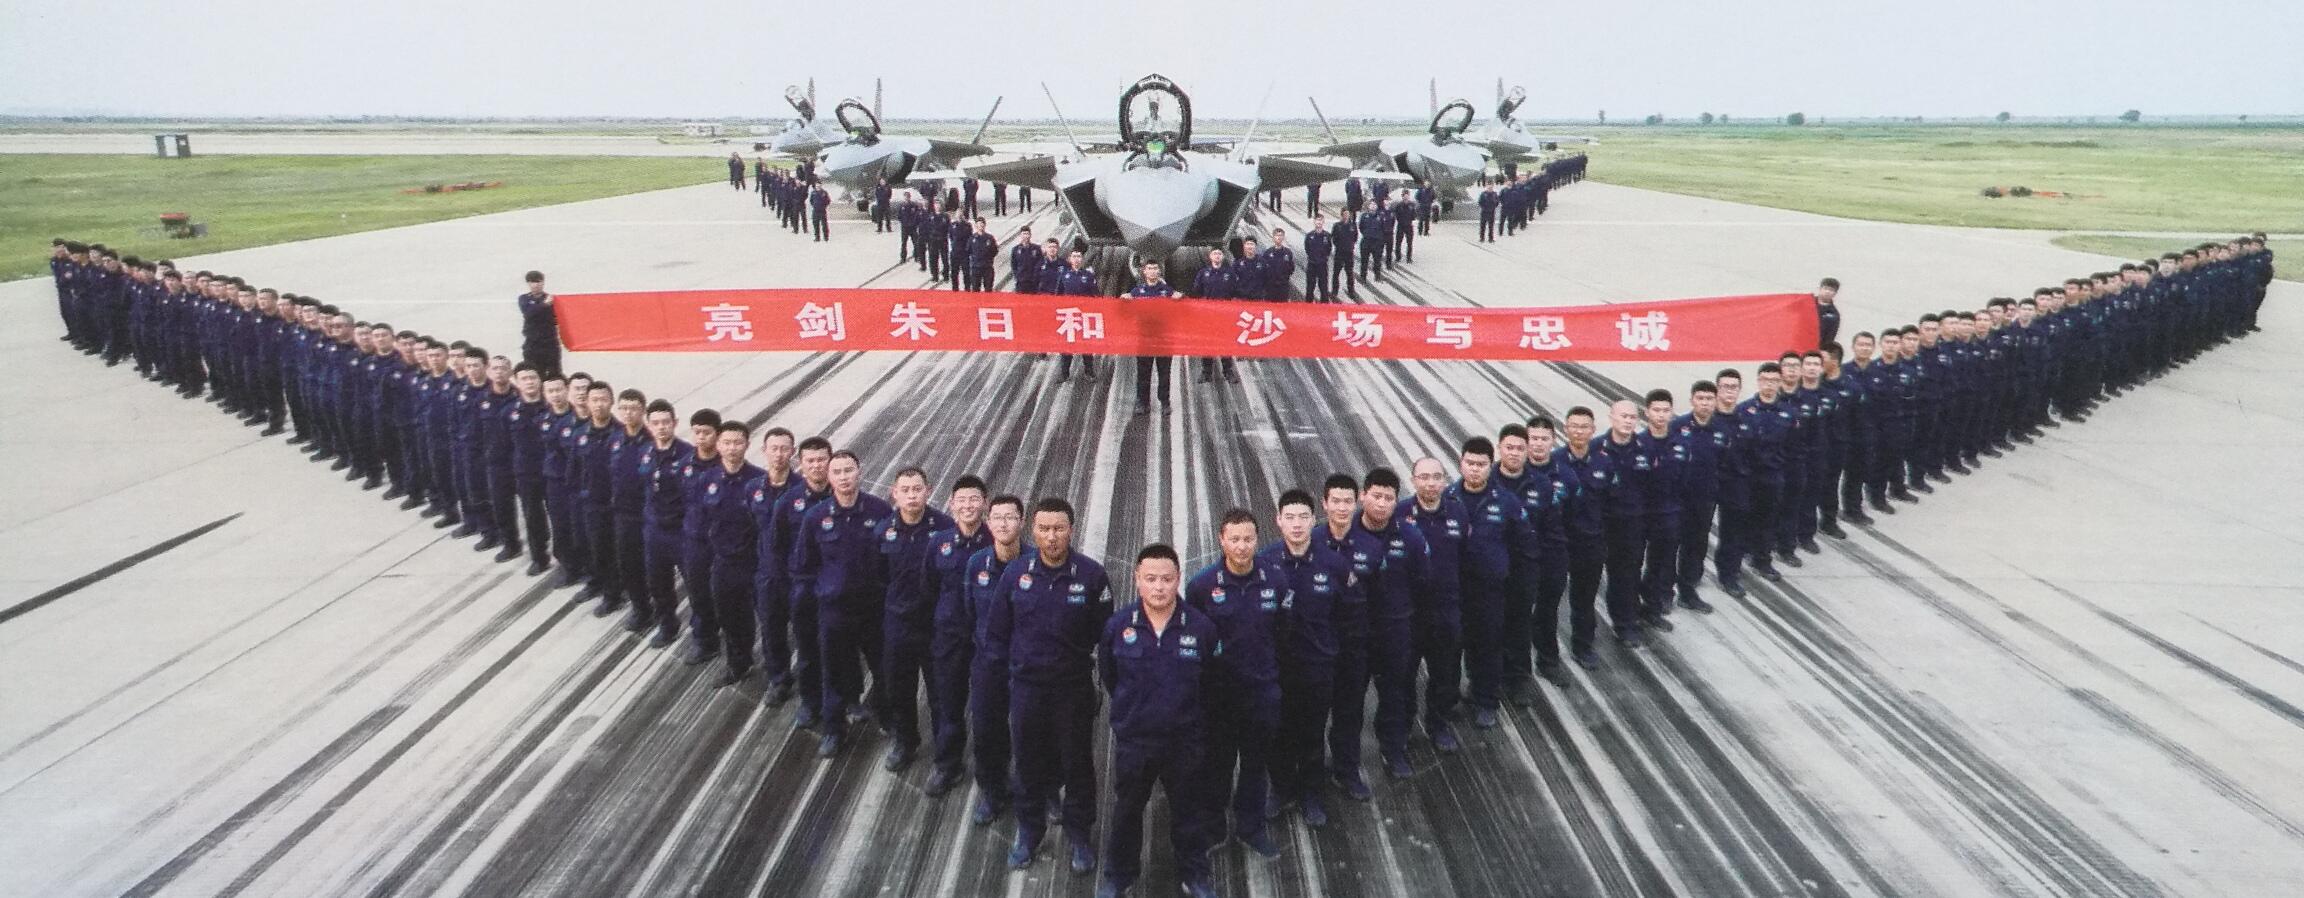 社评:中国建设现代化强国 外界无需担心